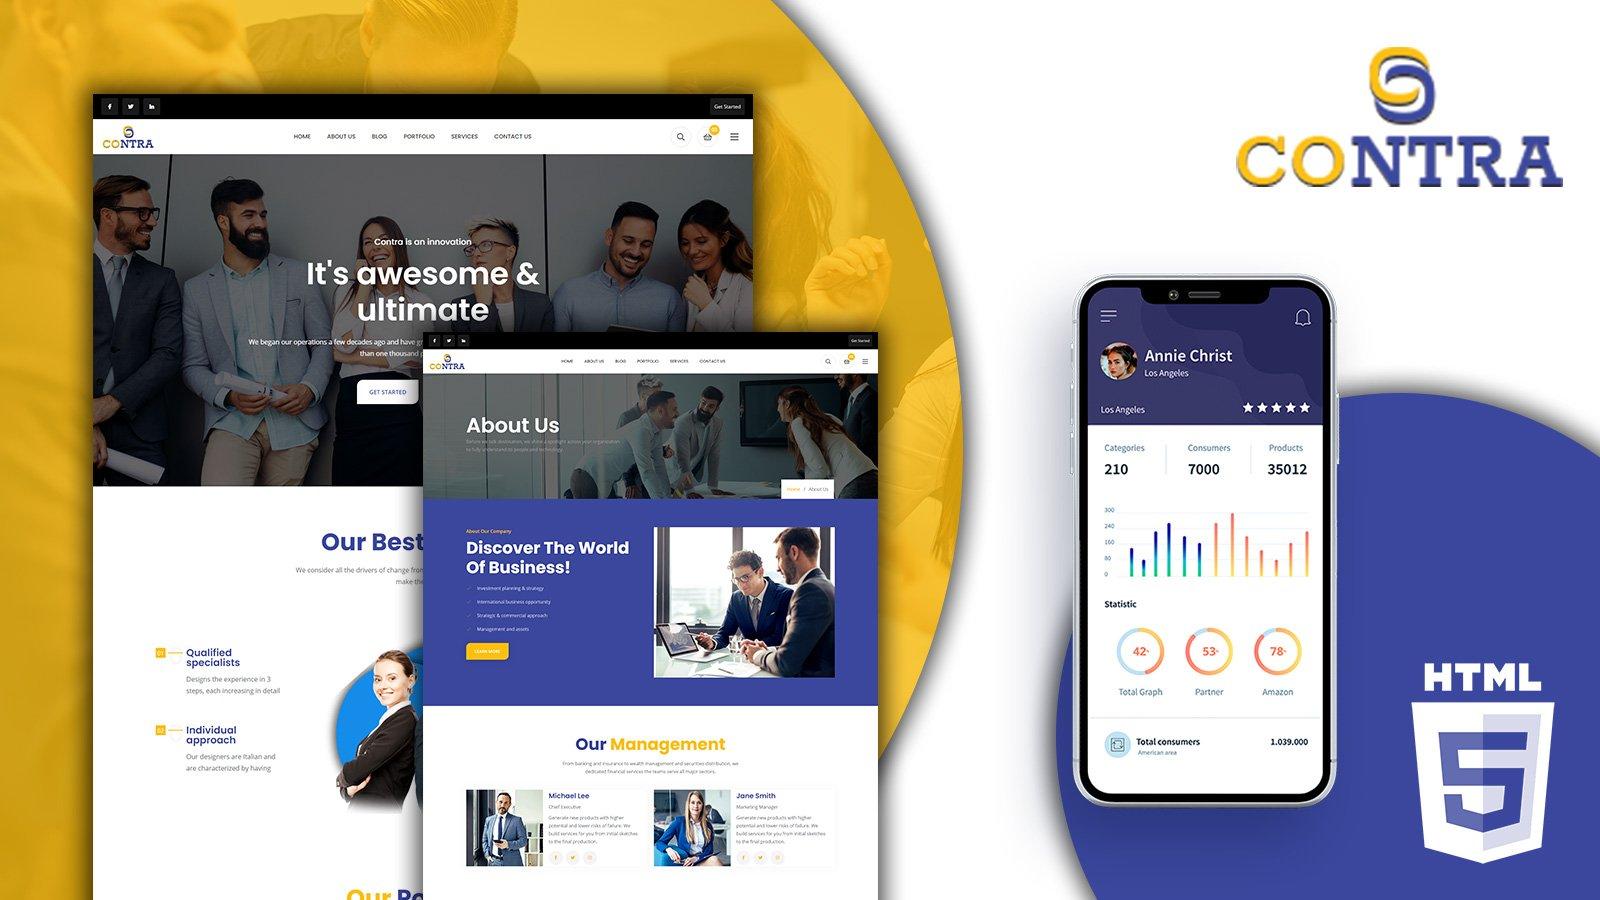 Contra Corporate HTML5 Website Template